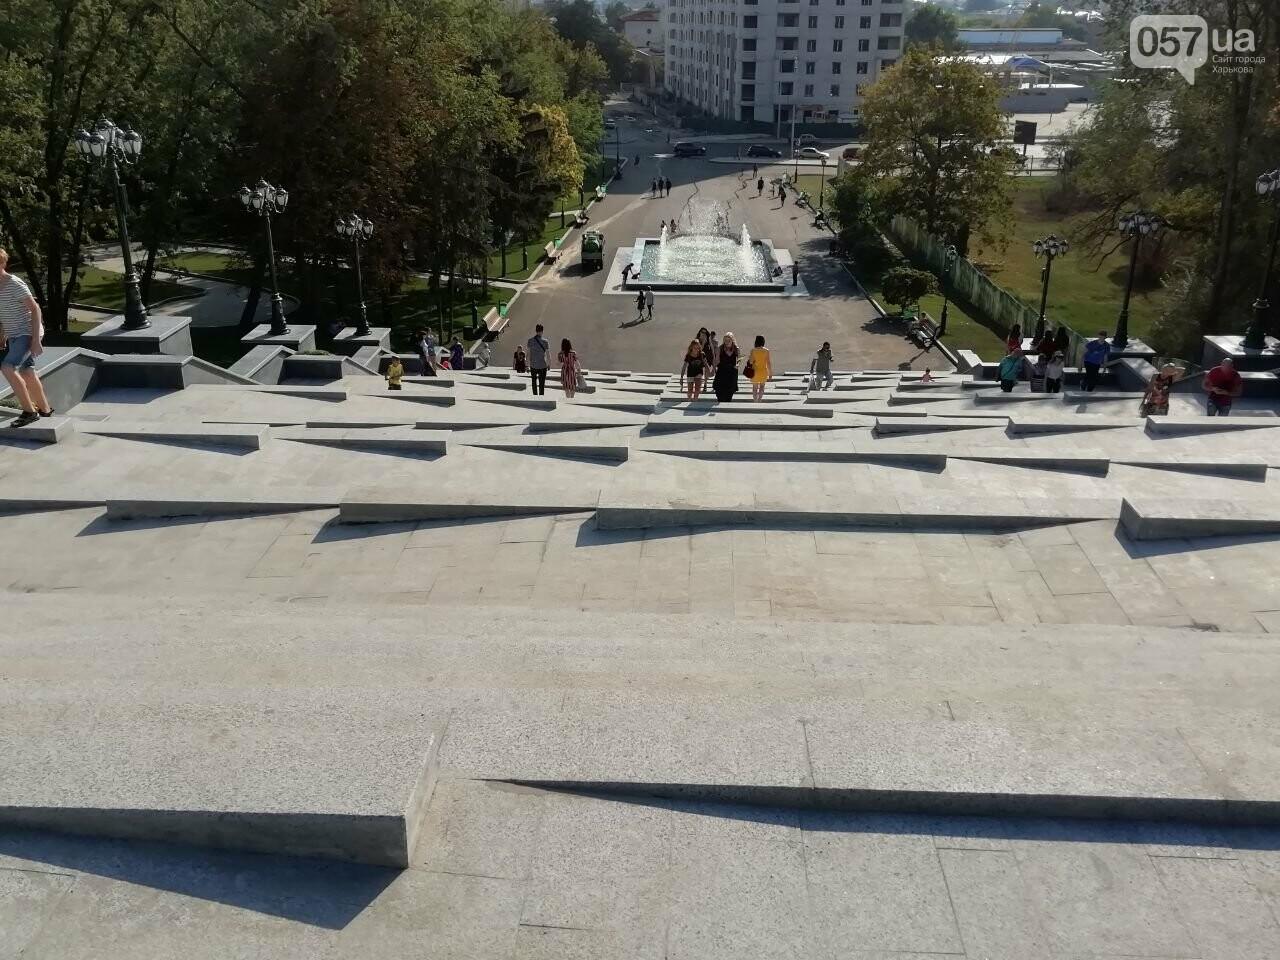 В центре Харькова появился новый фонтан и «Каскад» после реконструкции, - ФОТО, фото-14